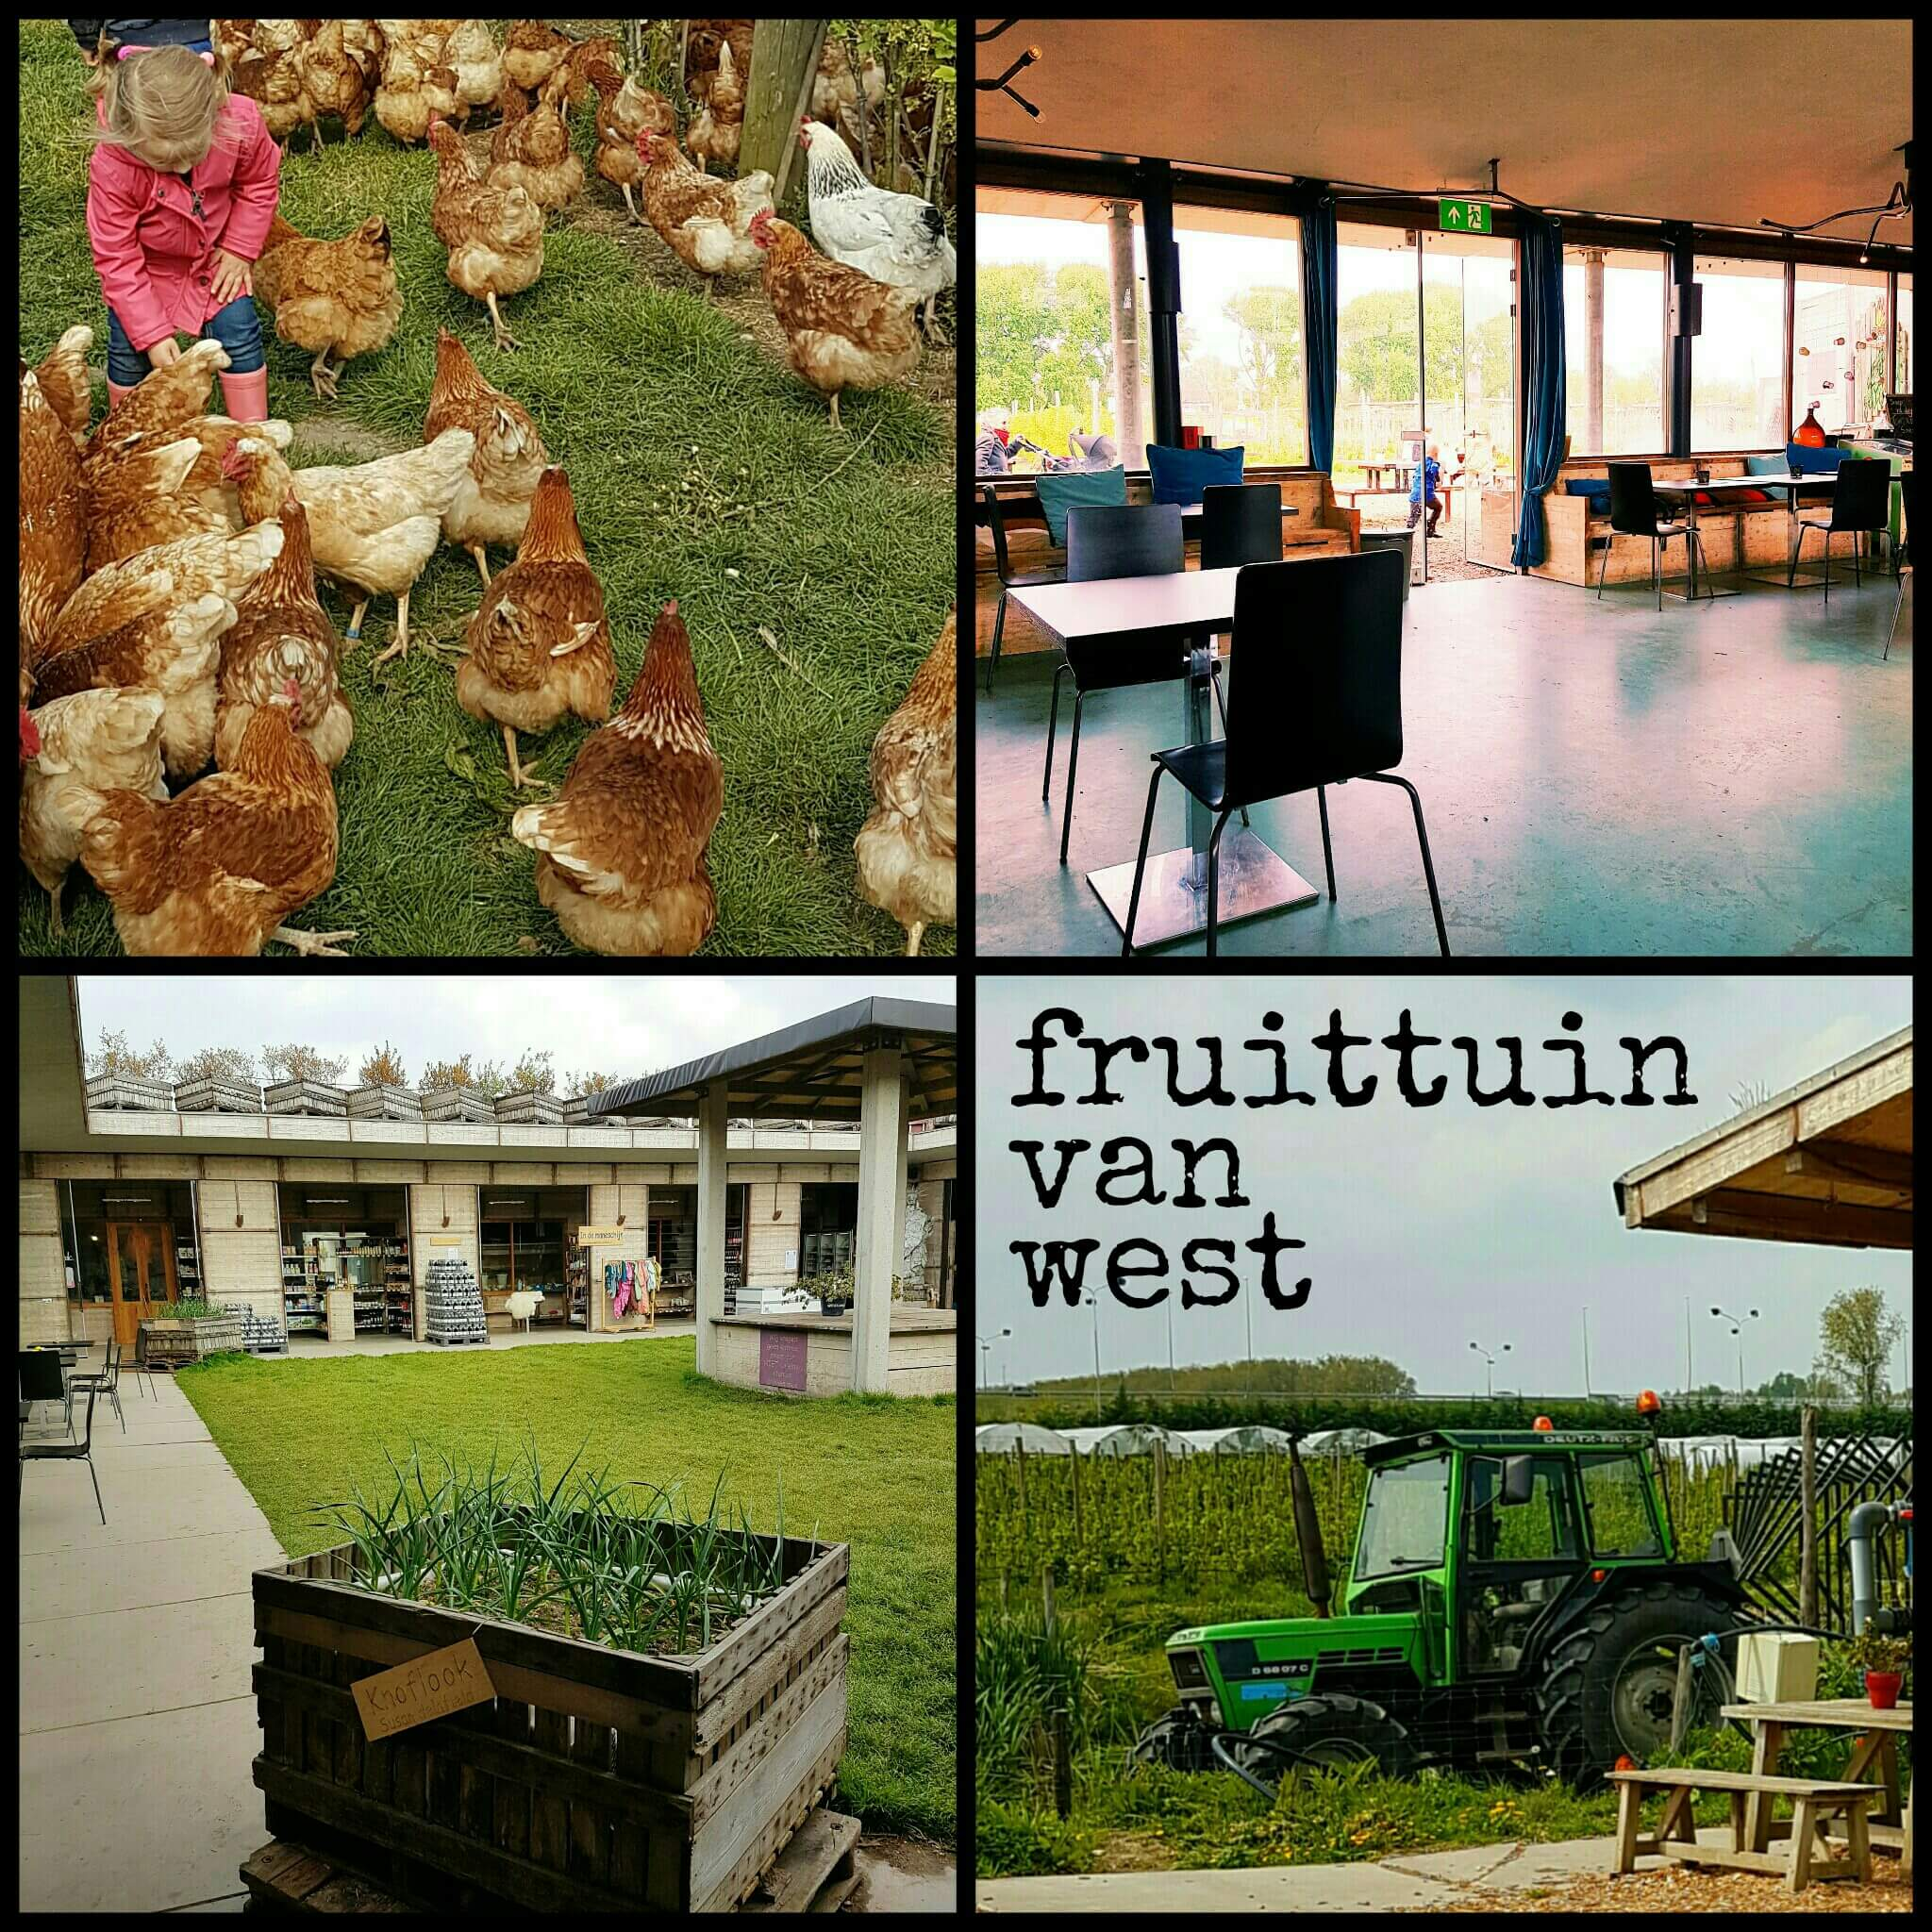 Boerderij in Amsterdam: de Fruittuin van West